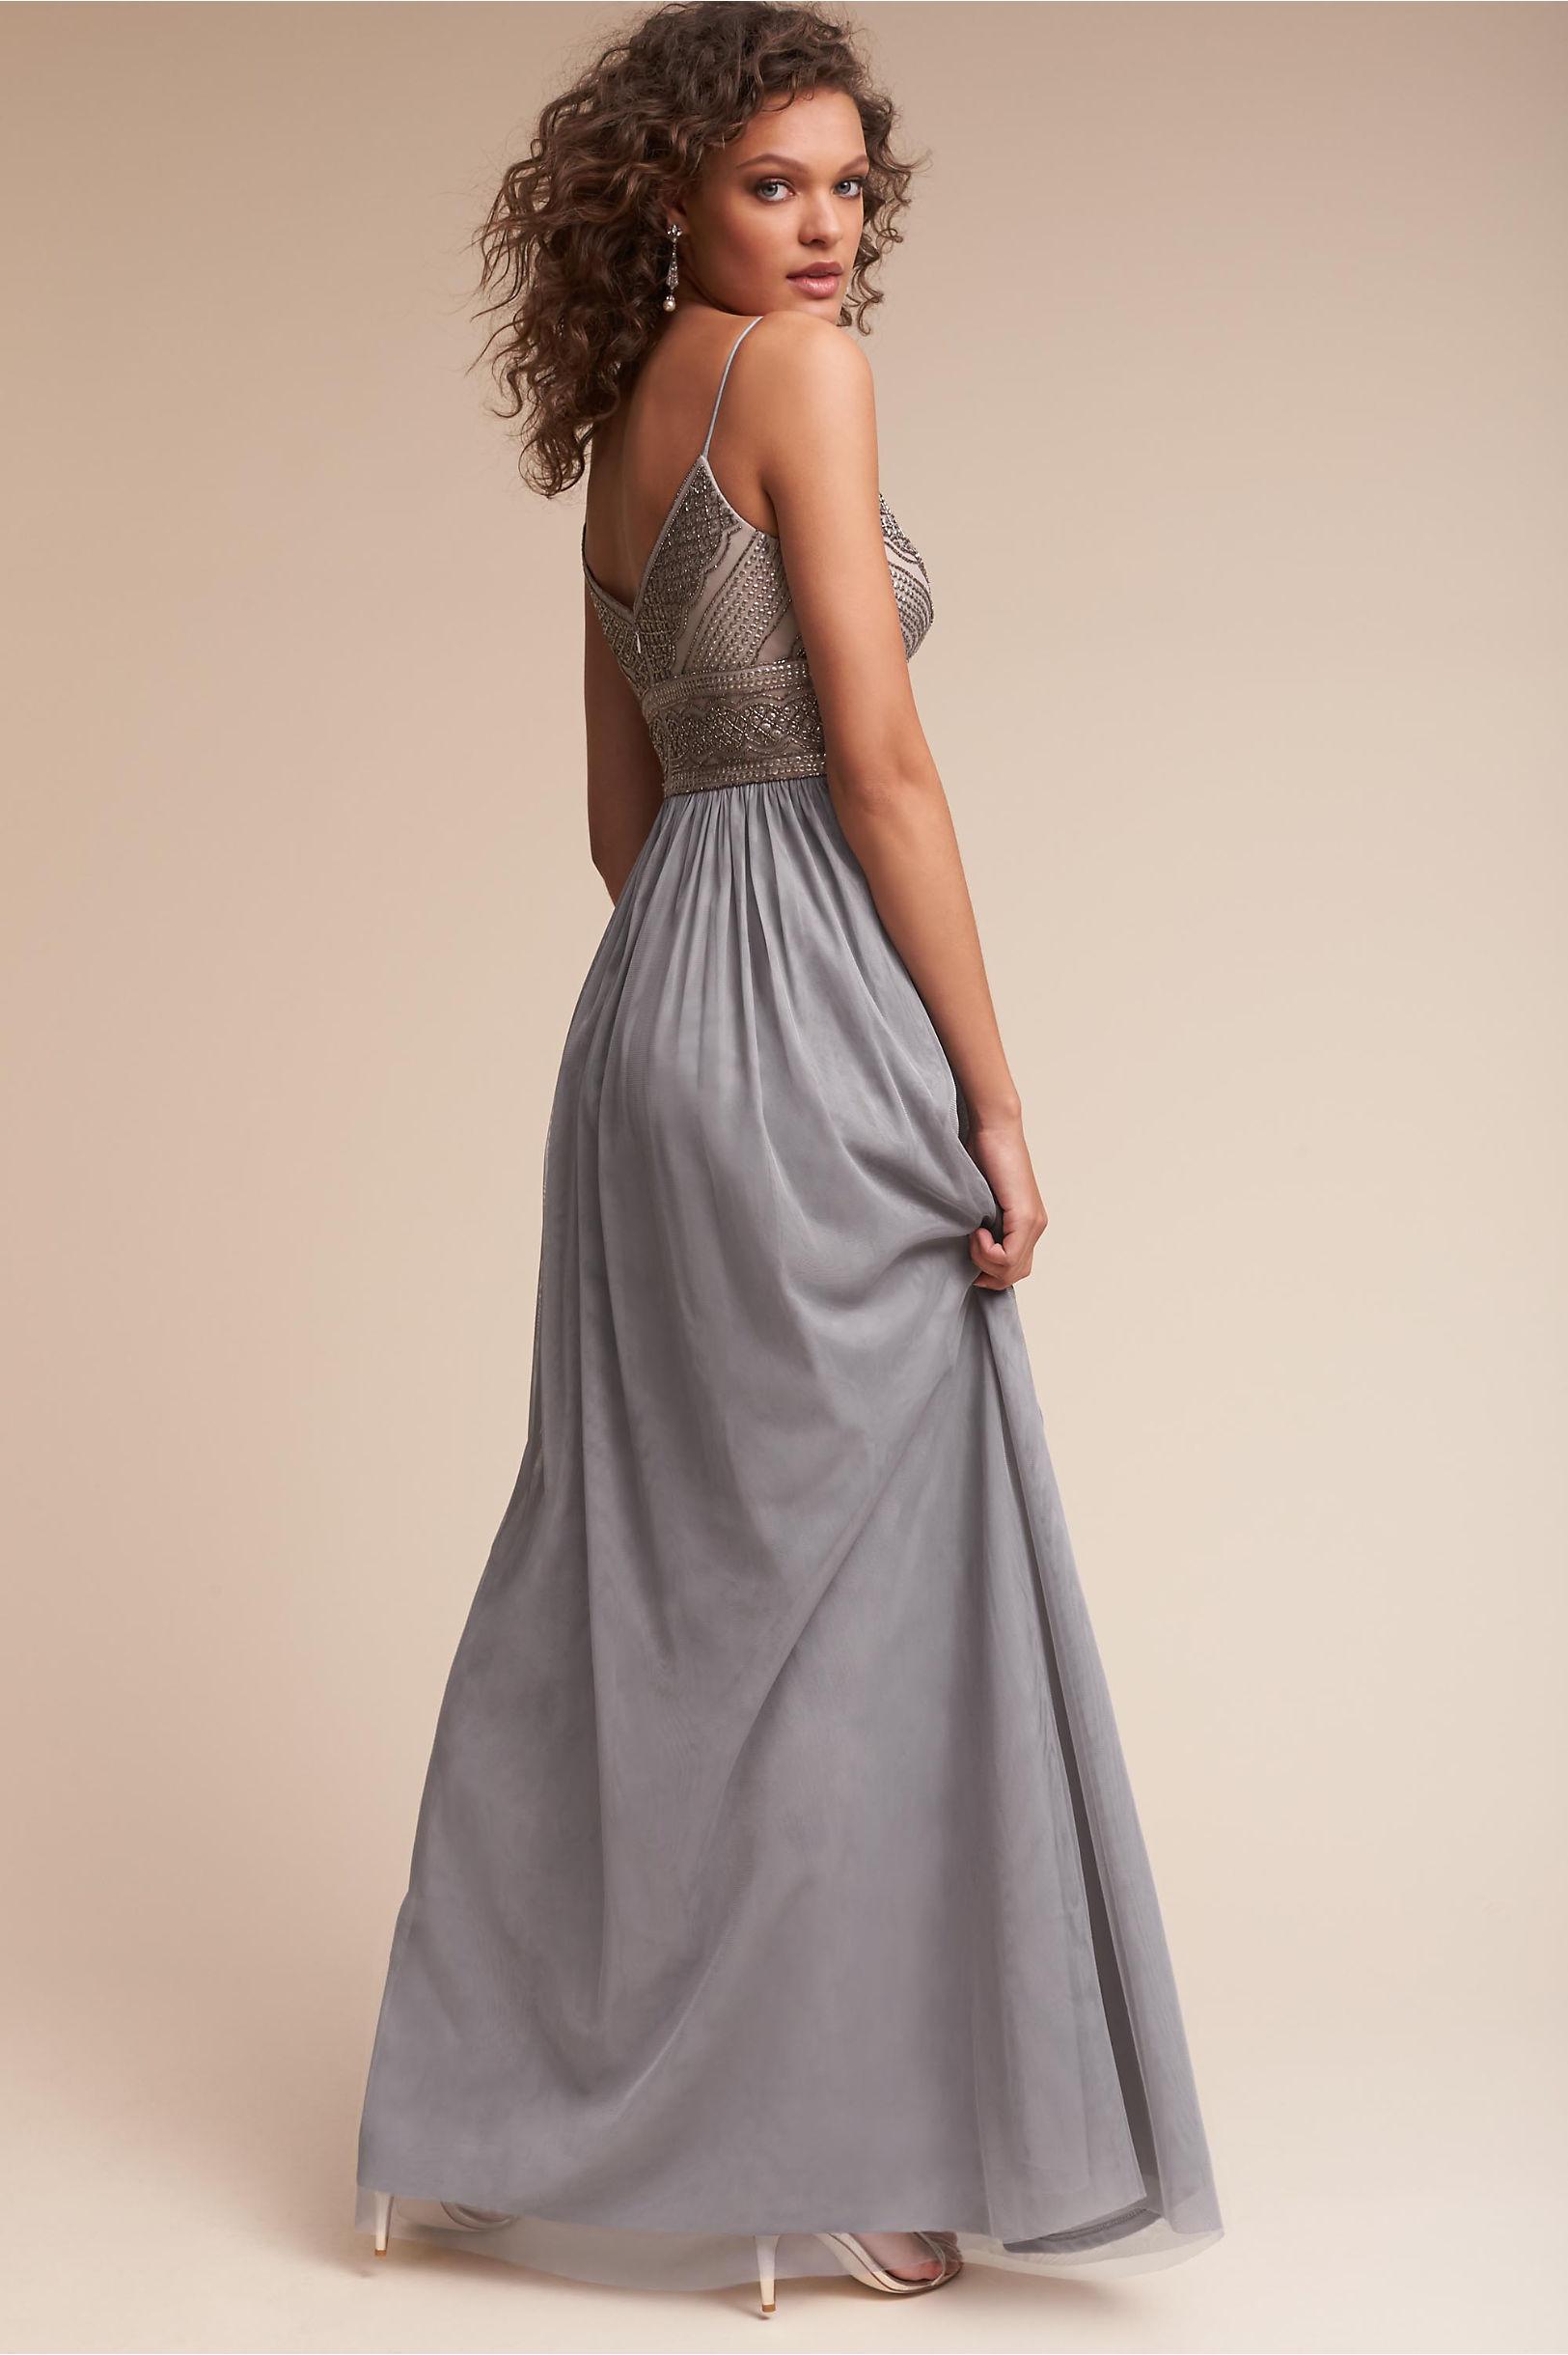 Aida Dress Silver Grey in Sale | BHLDN